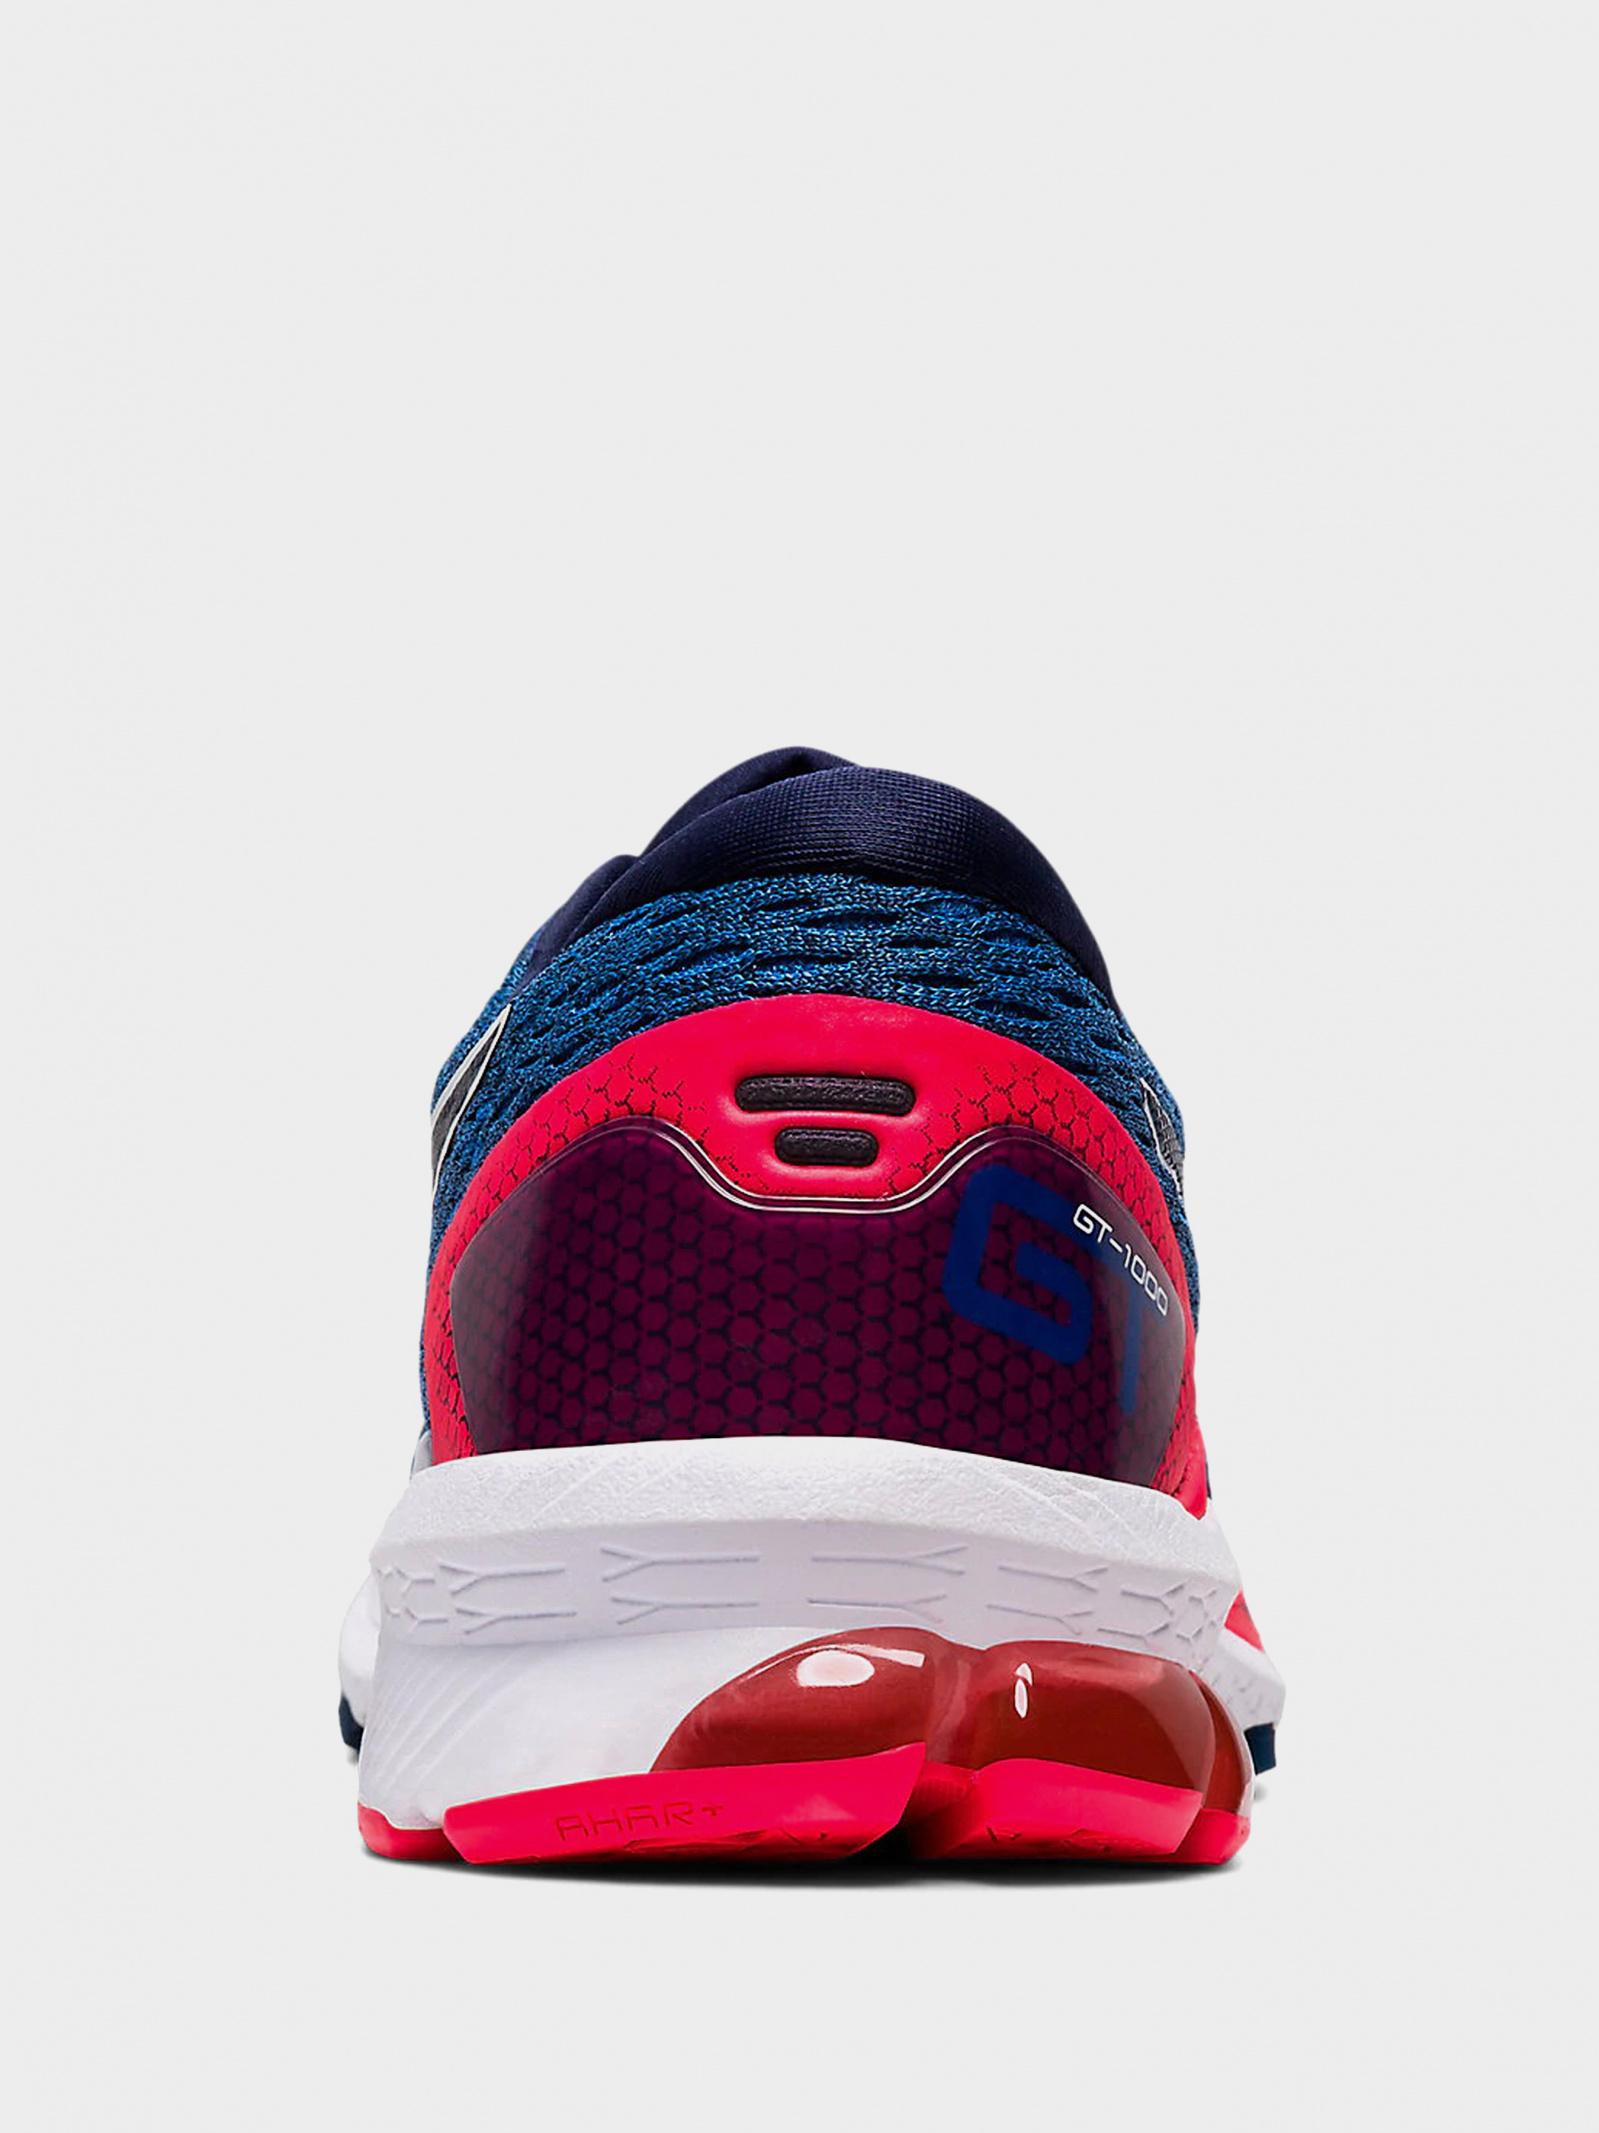 Кросівки  для жінок Asics GT-1000 9 1012A651-401 купити, 2017